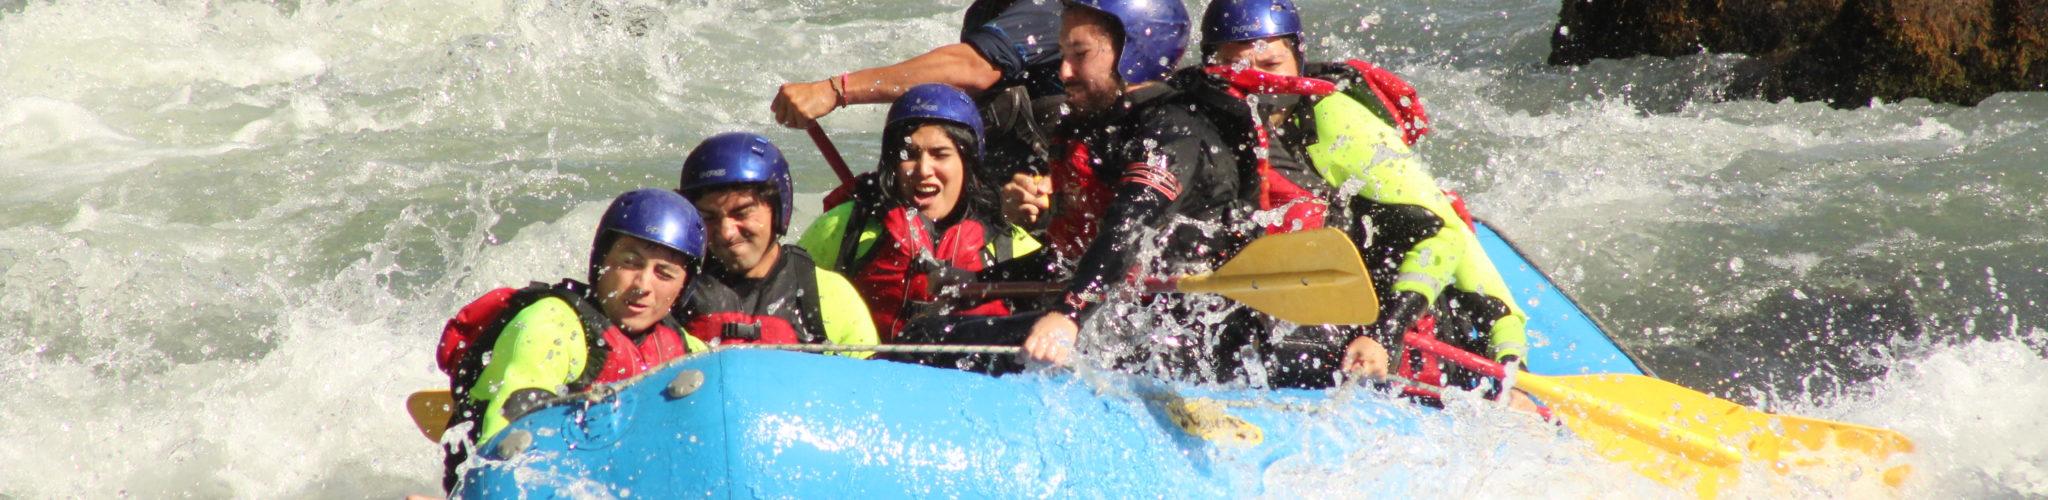 Balsa de rafting en el río Trancura